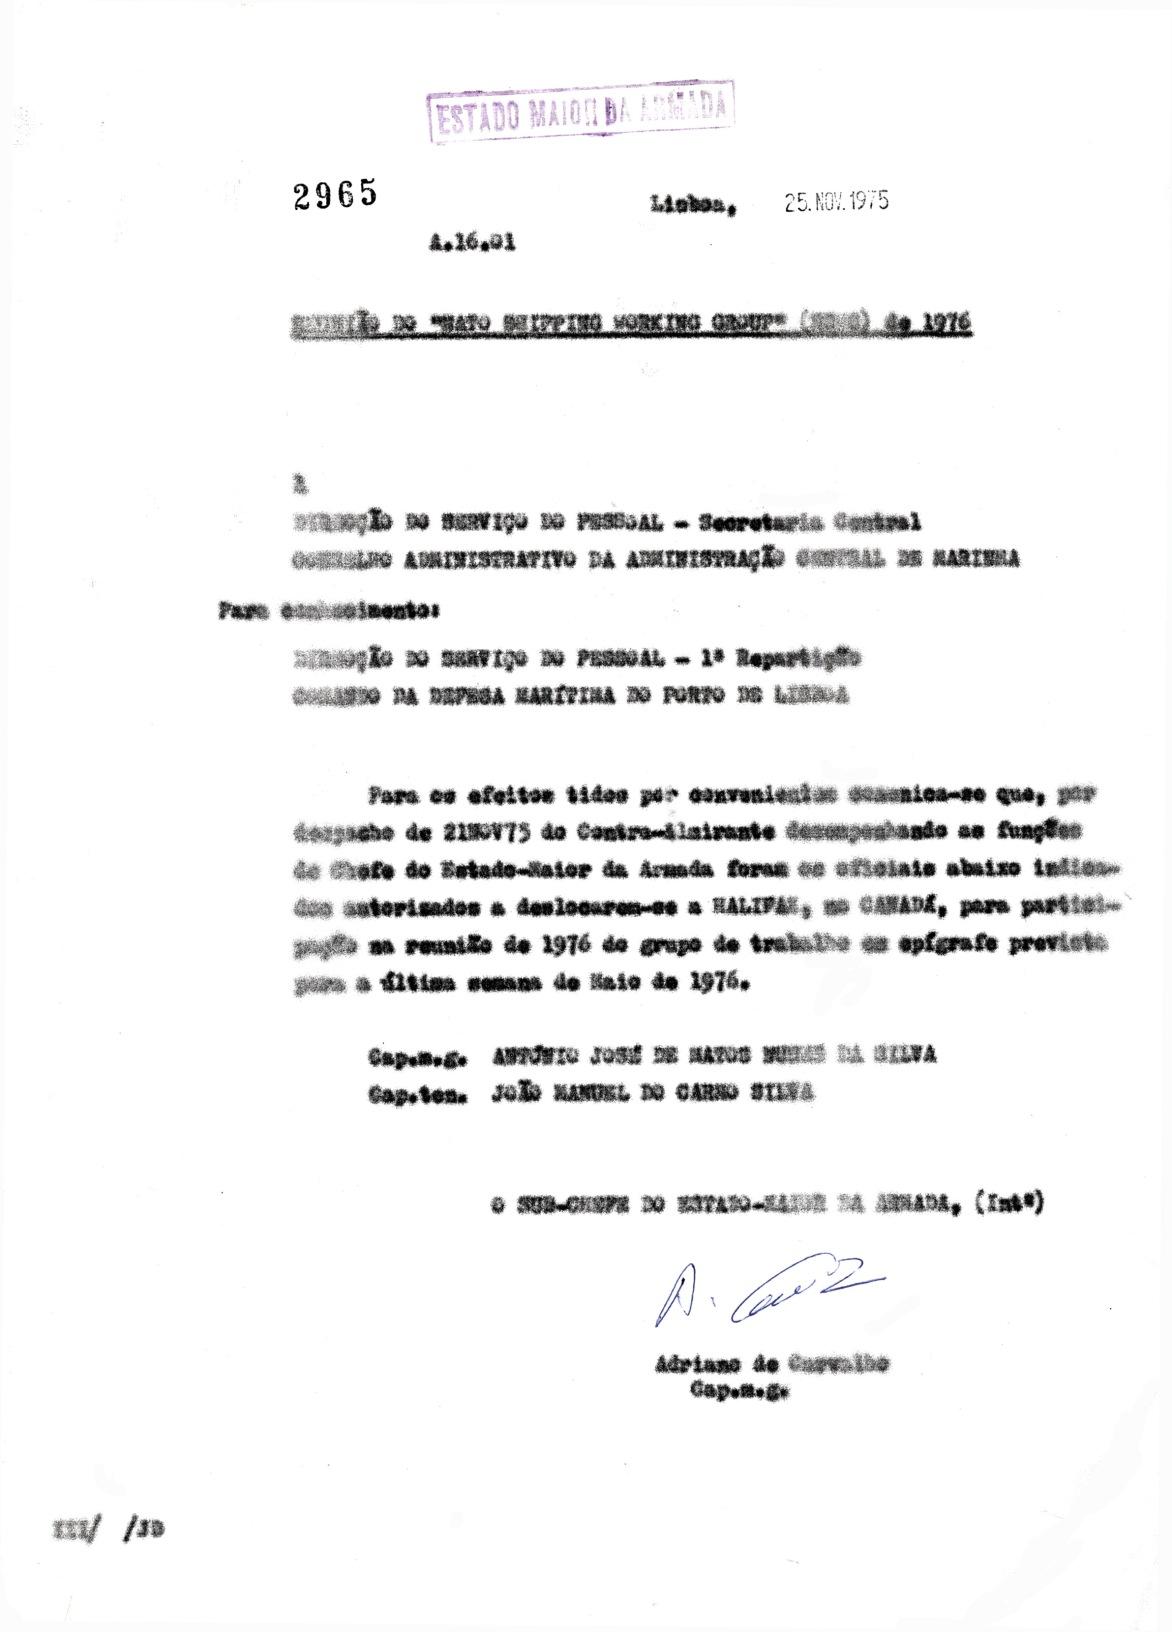 00686 975-11-21 autorizada a deslocação a Halifax Canada para participar no NSWG previsto Maio 1976 -Nota 2965 de 25-11-75 do EMA